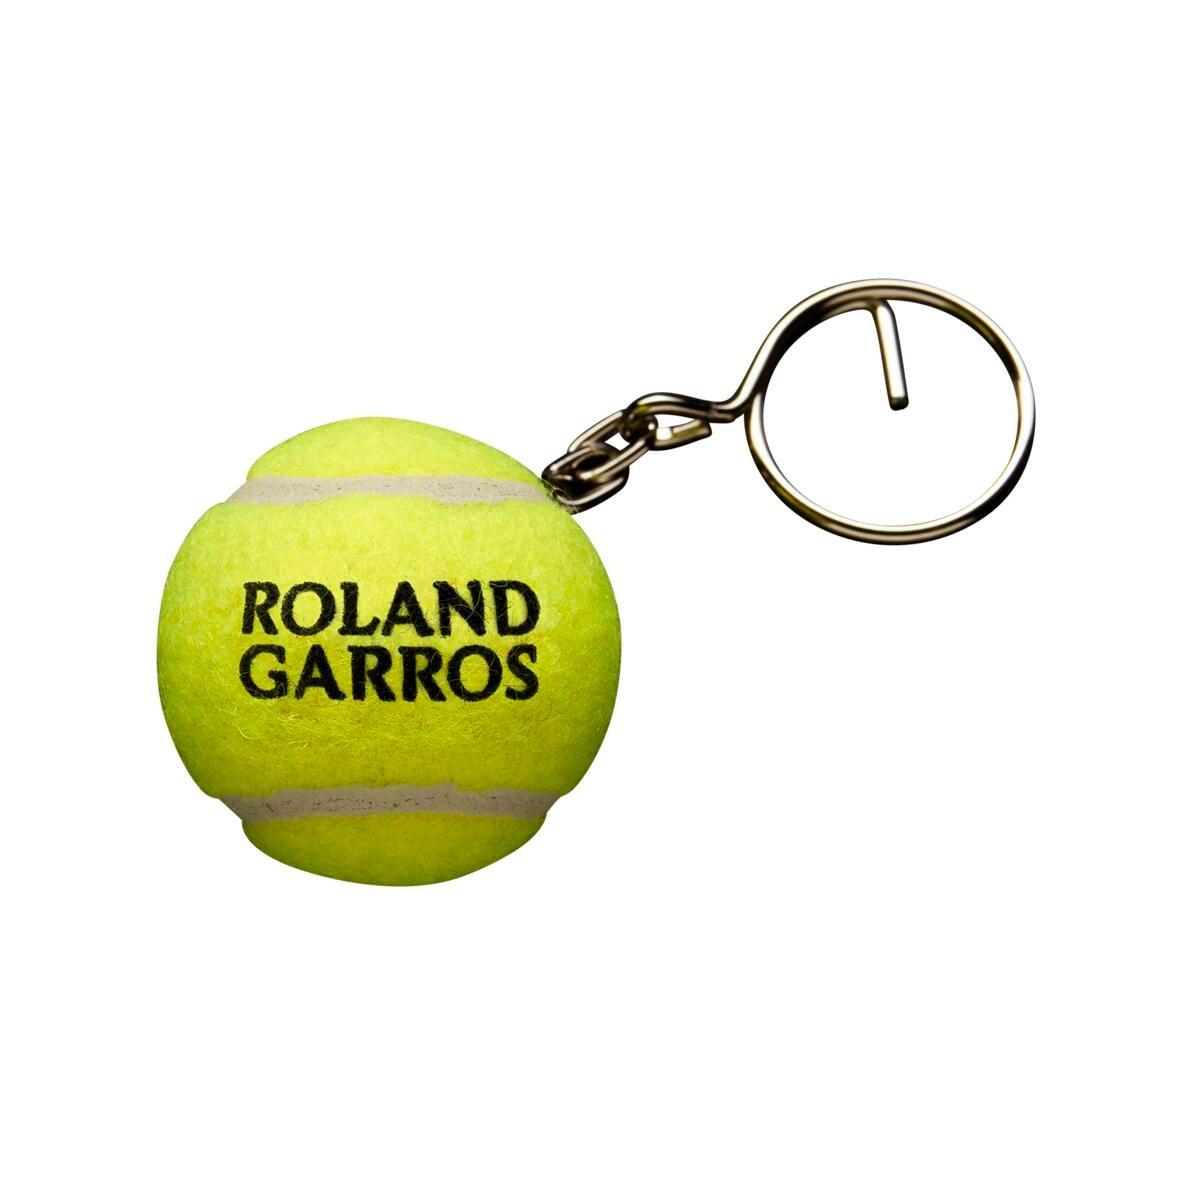 מחזיק מפתחות Roland Garros